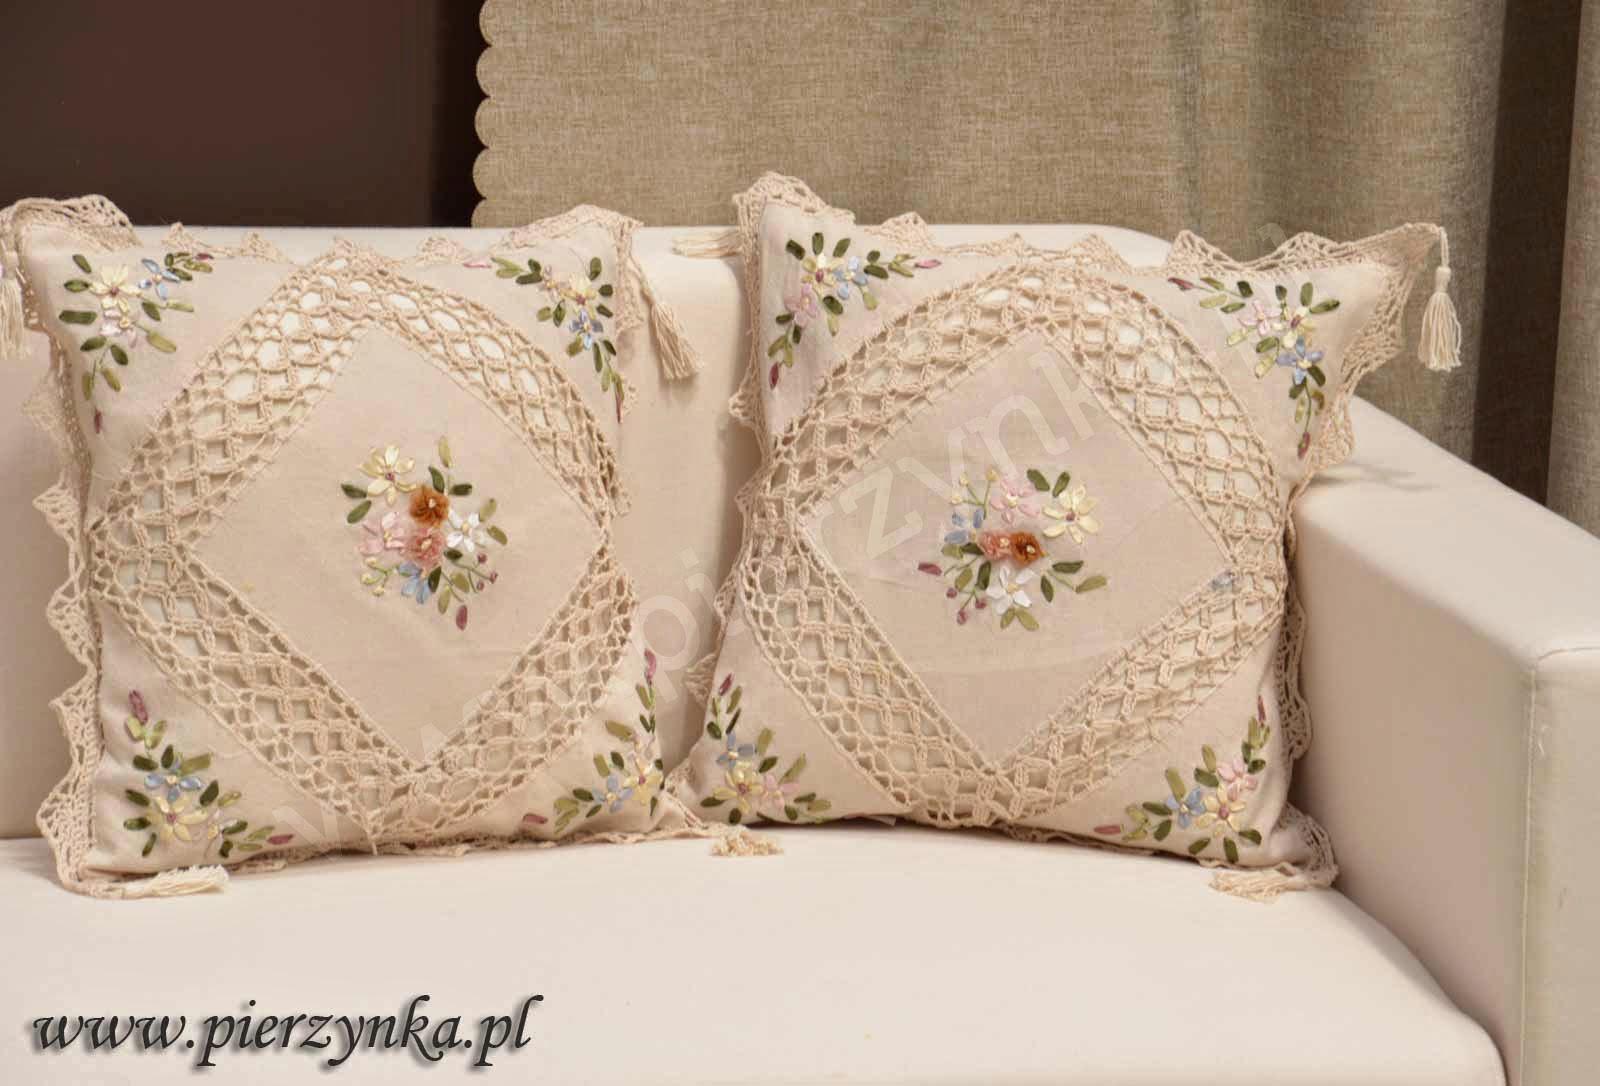 zdobienia poduszki koronka i haftem